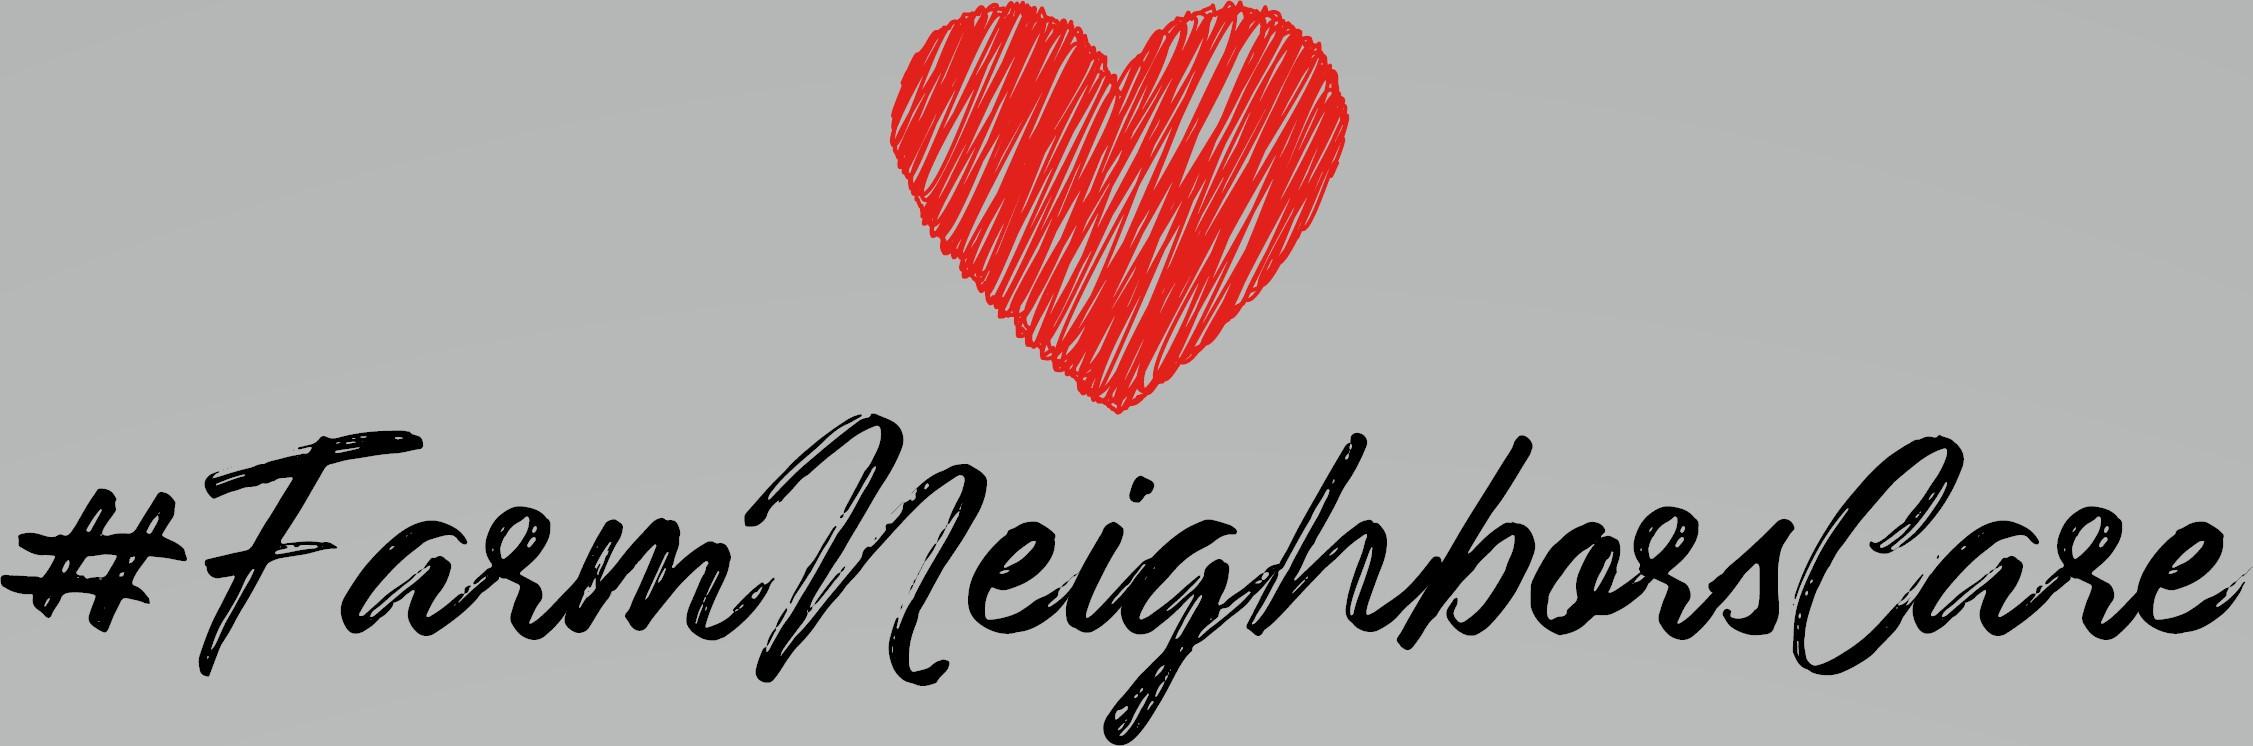 FarmNeighborsCare-Logo